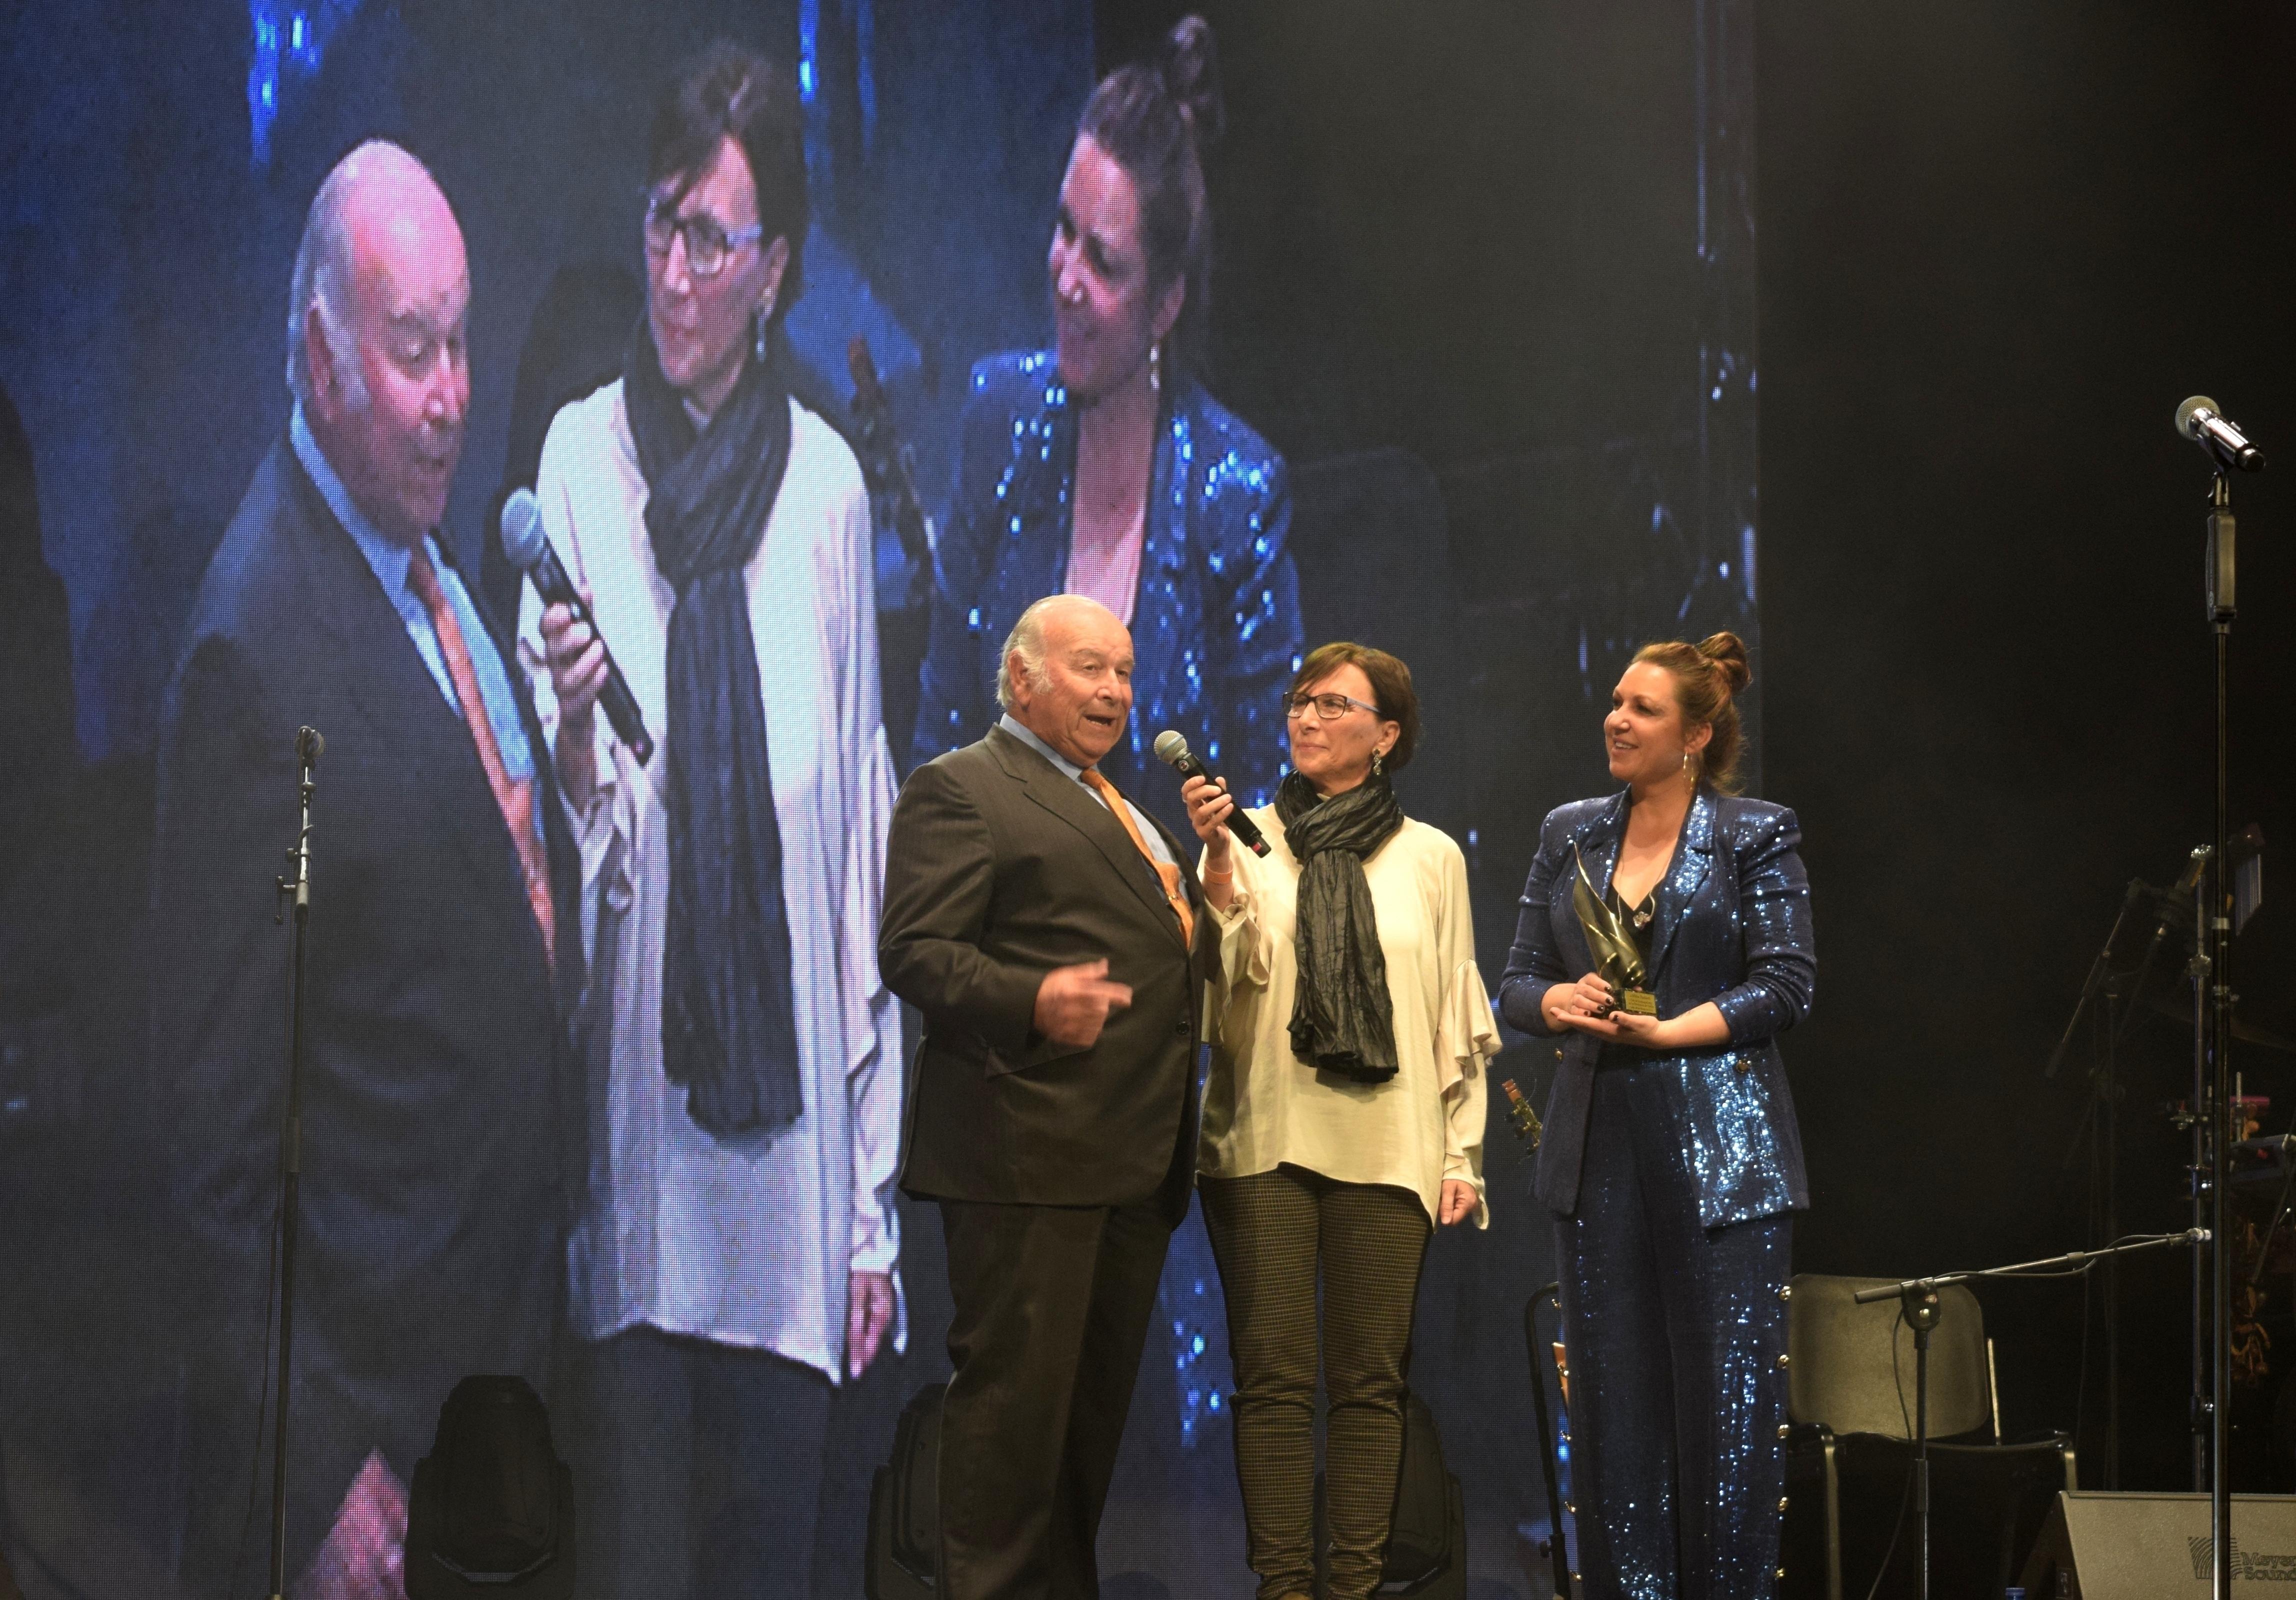 Niña Pastori, Embajadora de la Provincia de Cádiz 2019